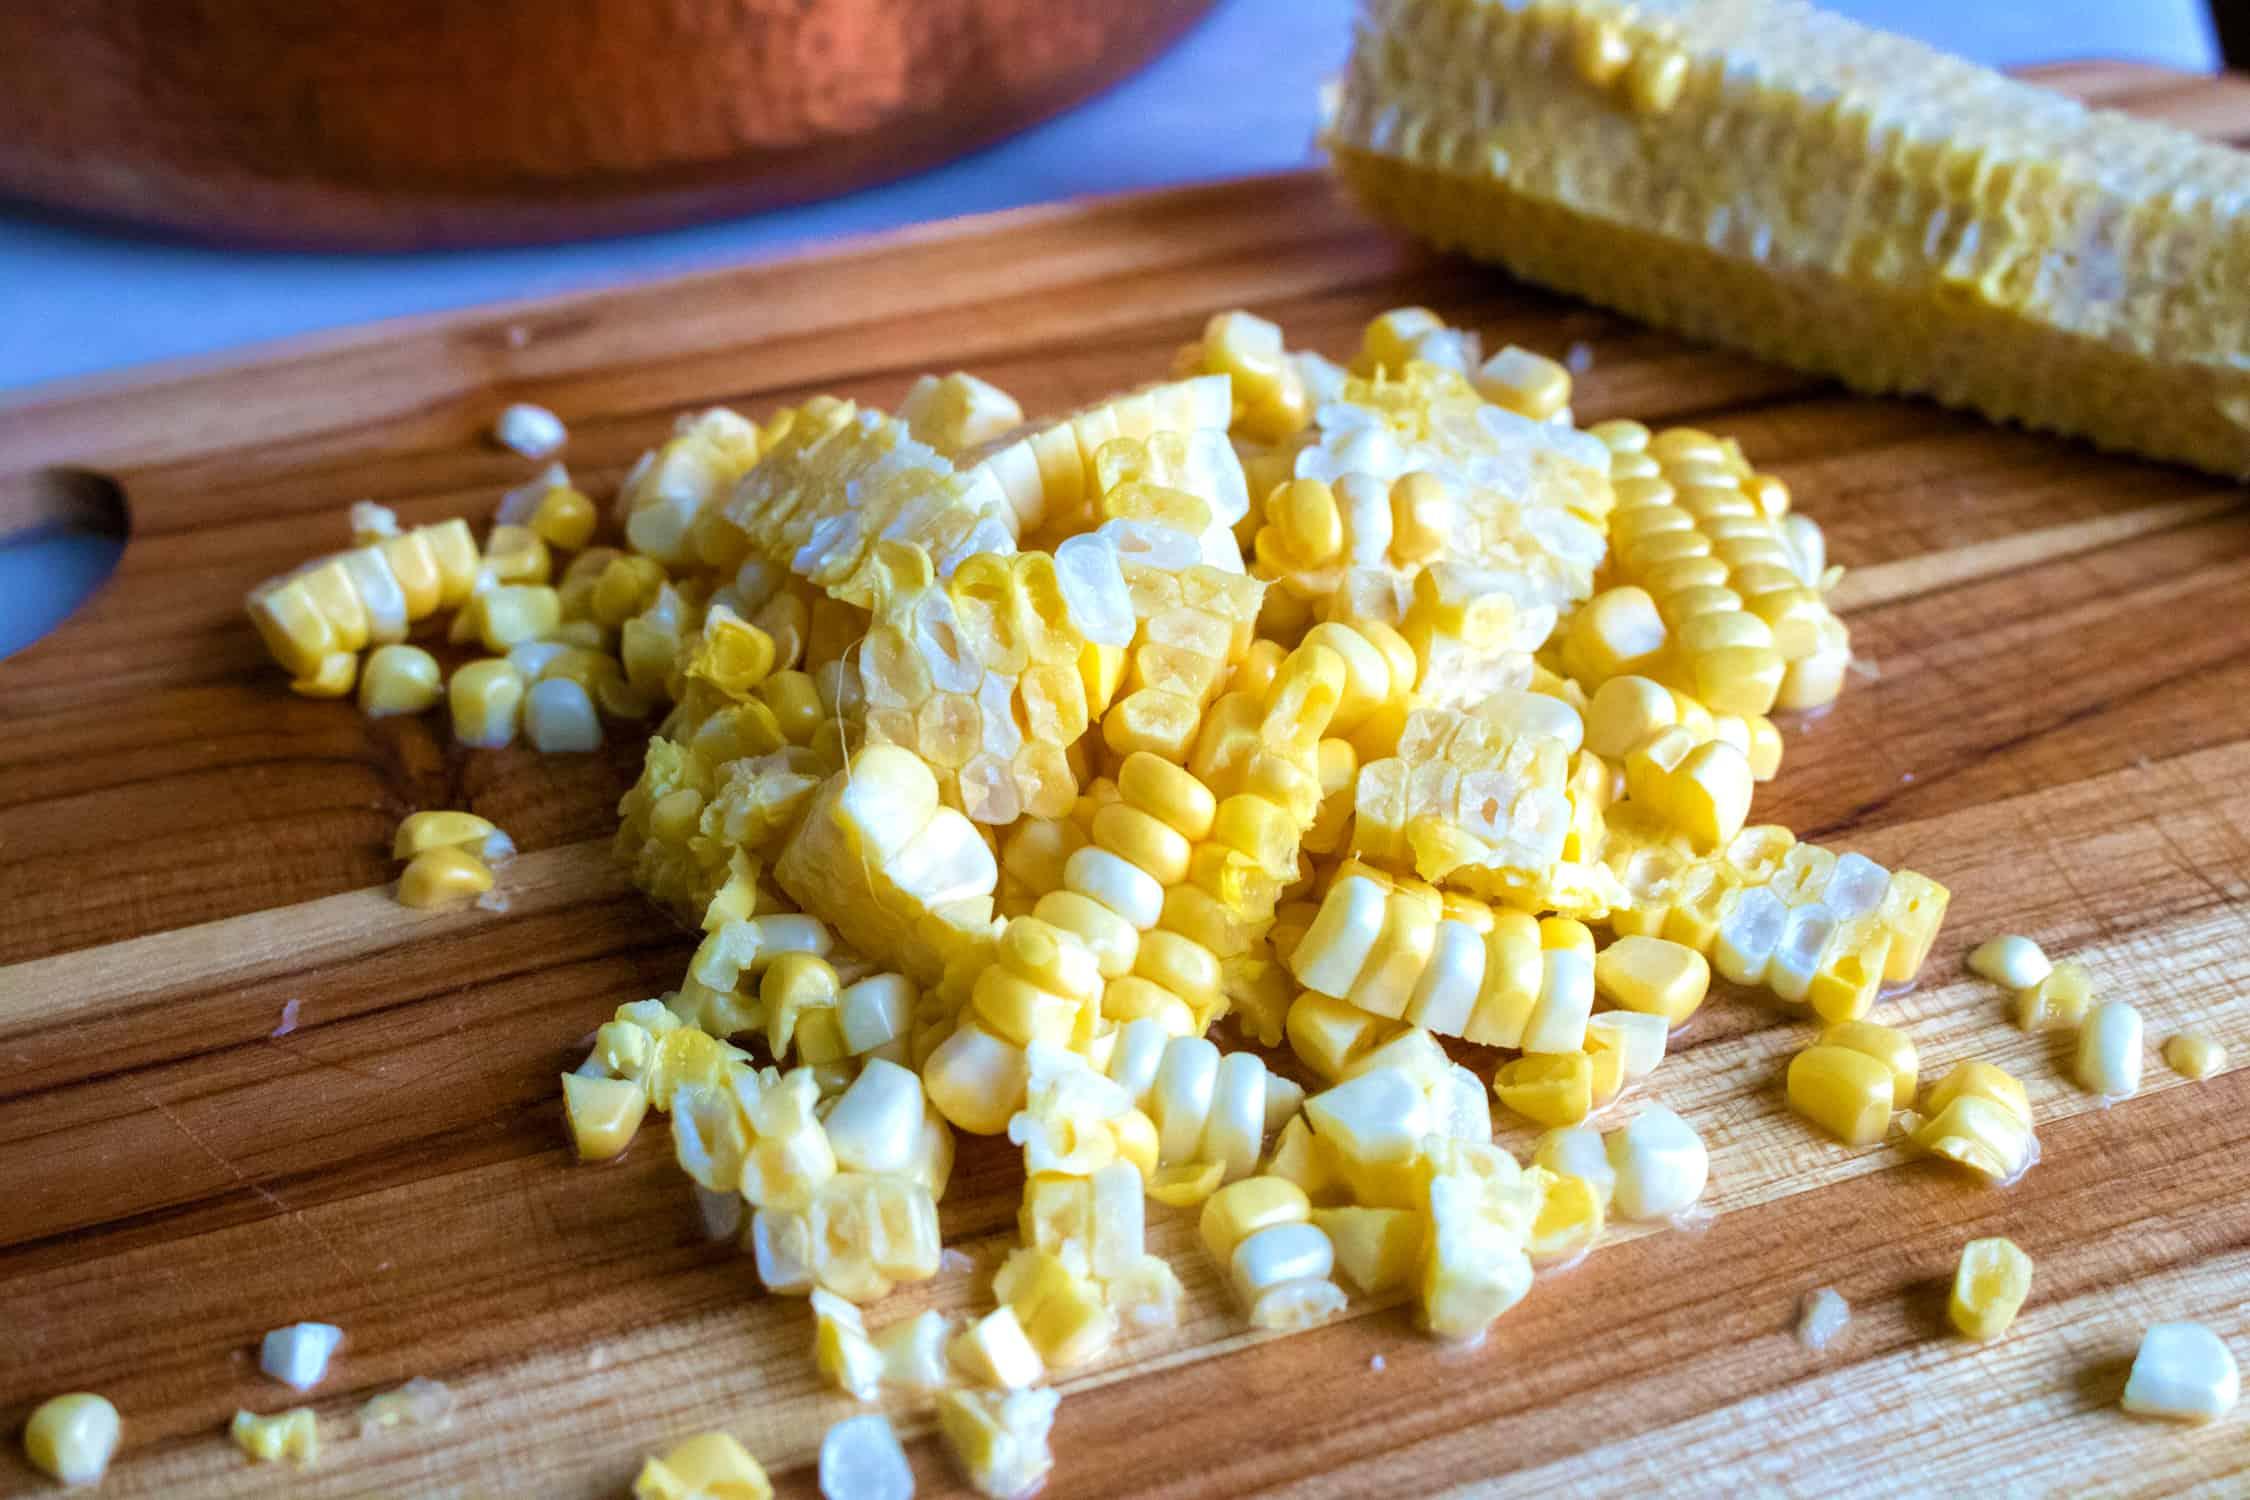 corn on cutting board